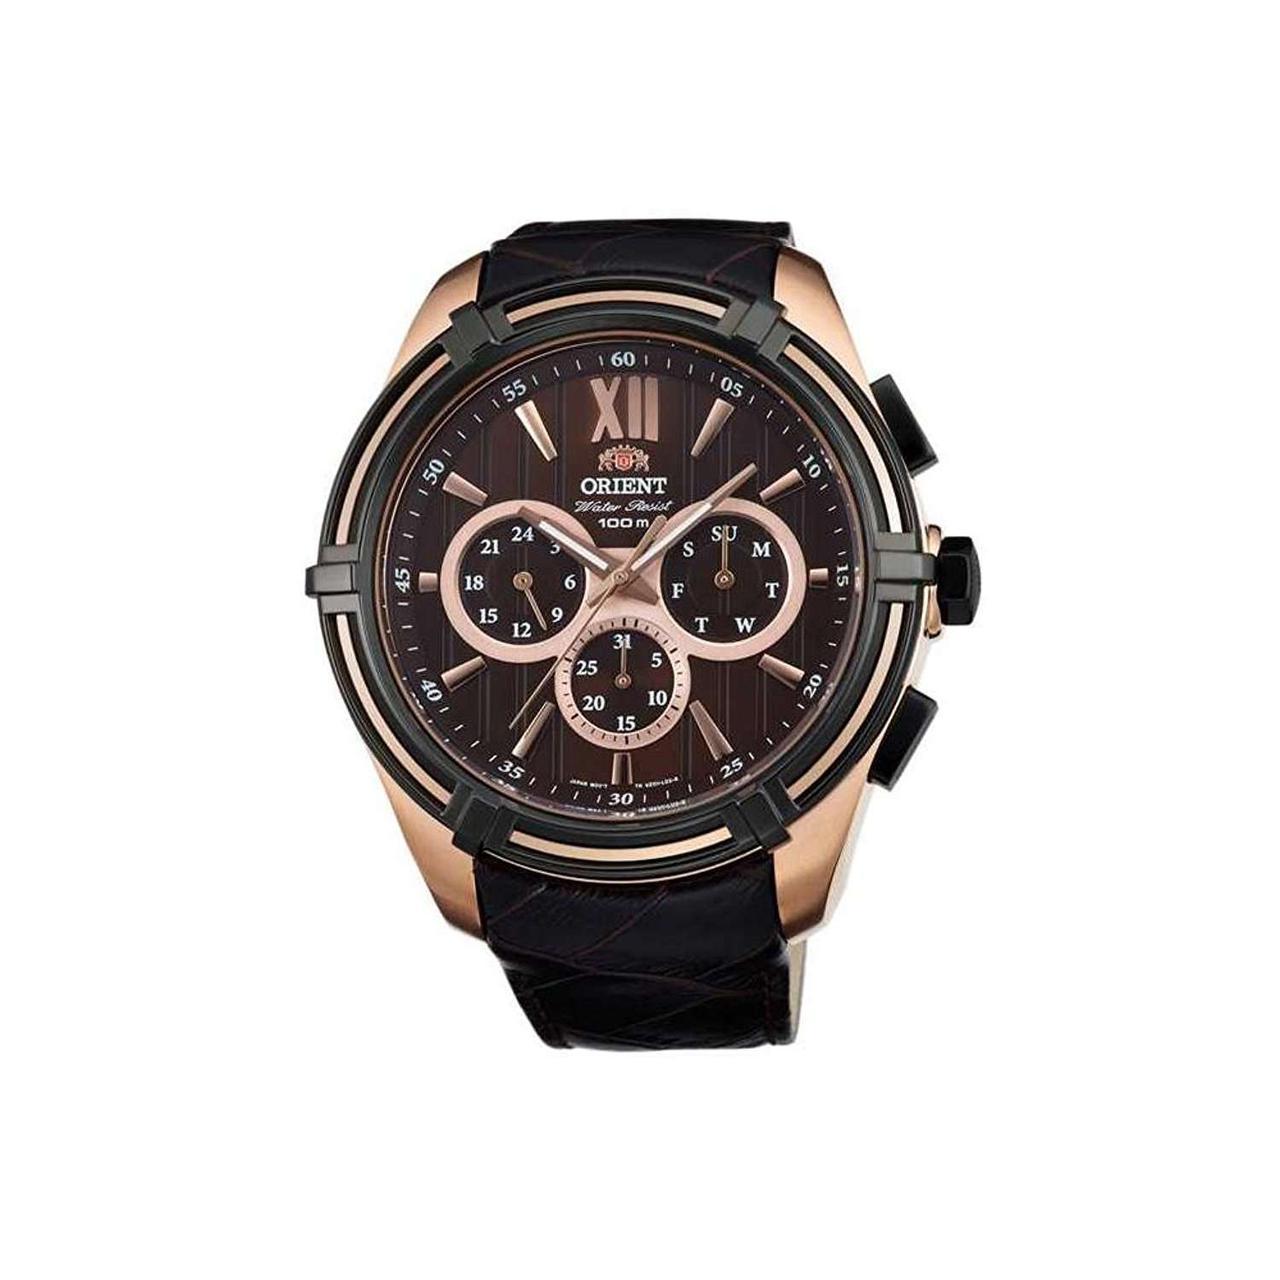 Часы ORIENT FUZ01005T0   ОРИЕНТ   Японские наручные часы   Украина   Одесса  -